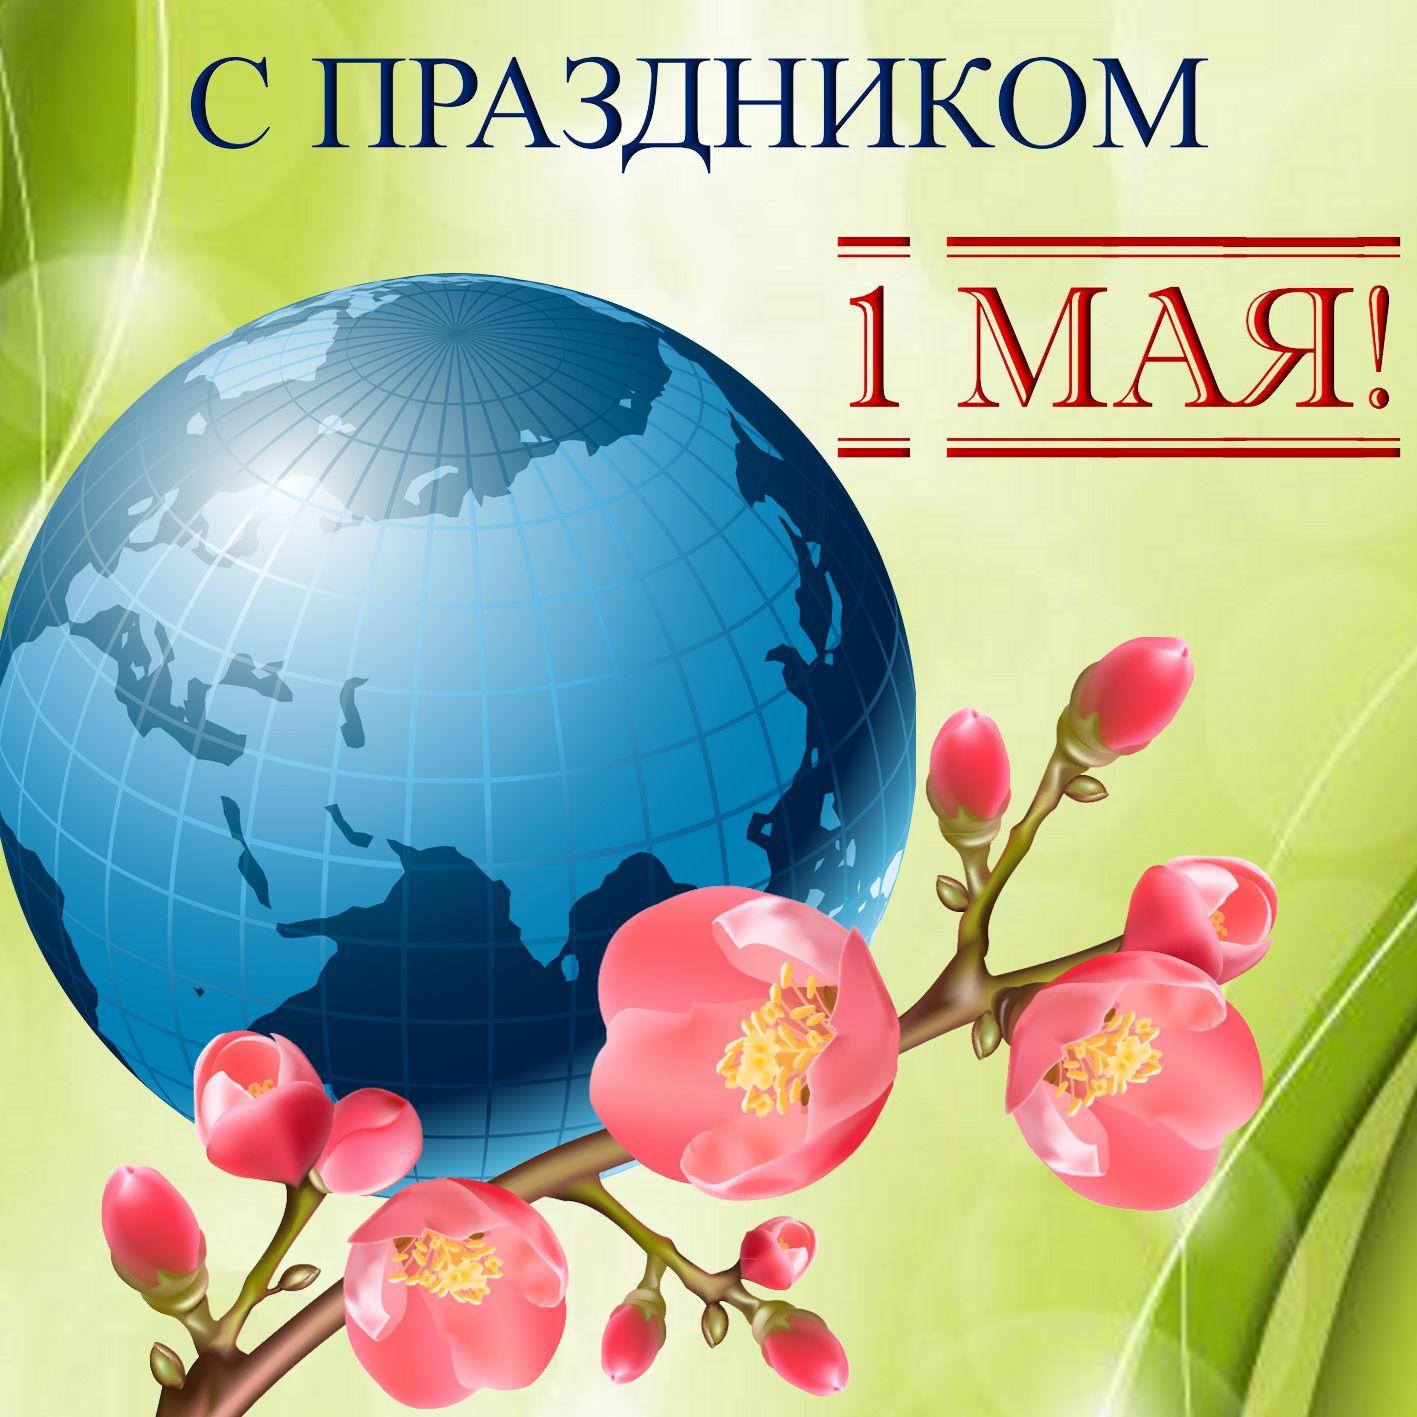 майские праздники открытка картинка количества